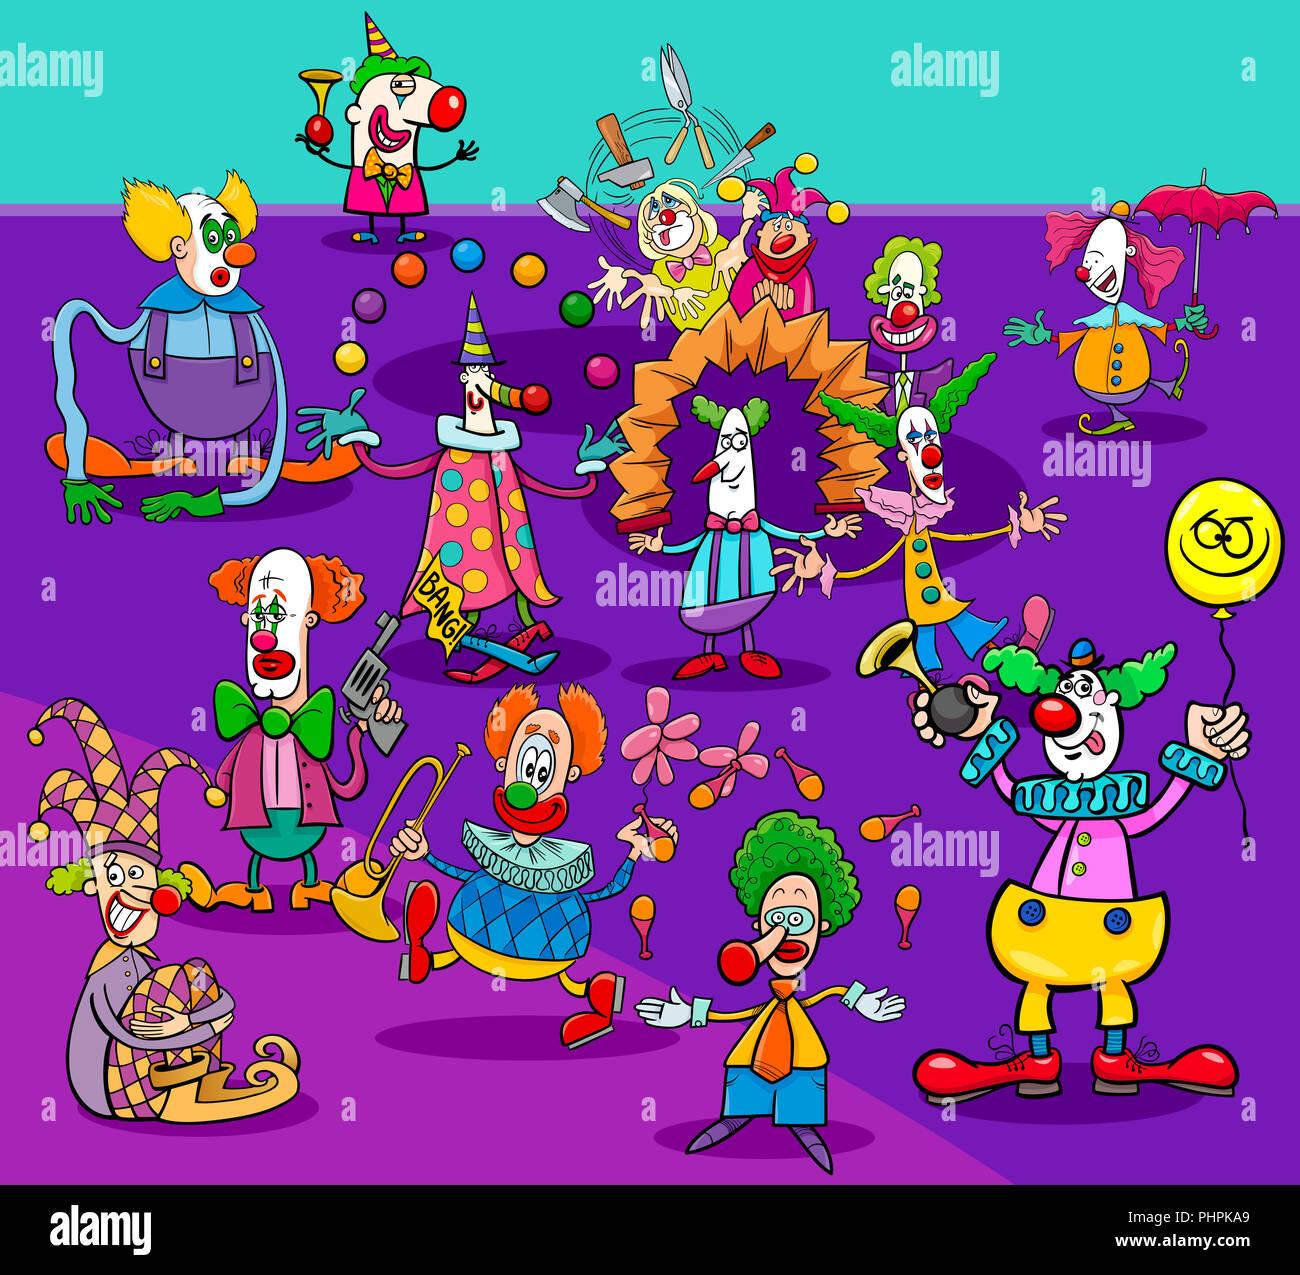 Lustig Zirkus Clowns Zeichentrickfiguren Gruppe Stockfoto Bild